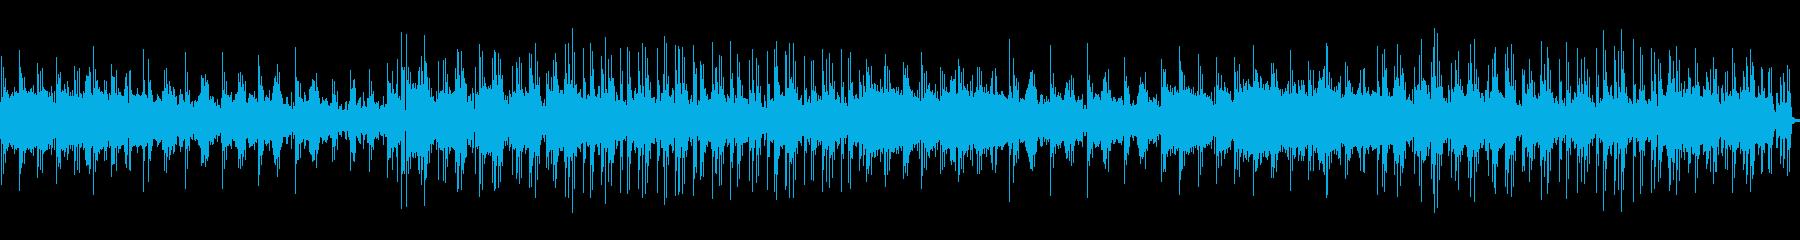 スロー。ポップ。メロディック。ロマ...の再生済みの波形